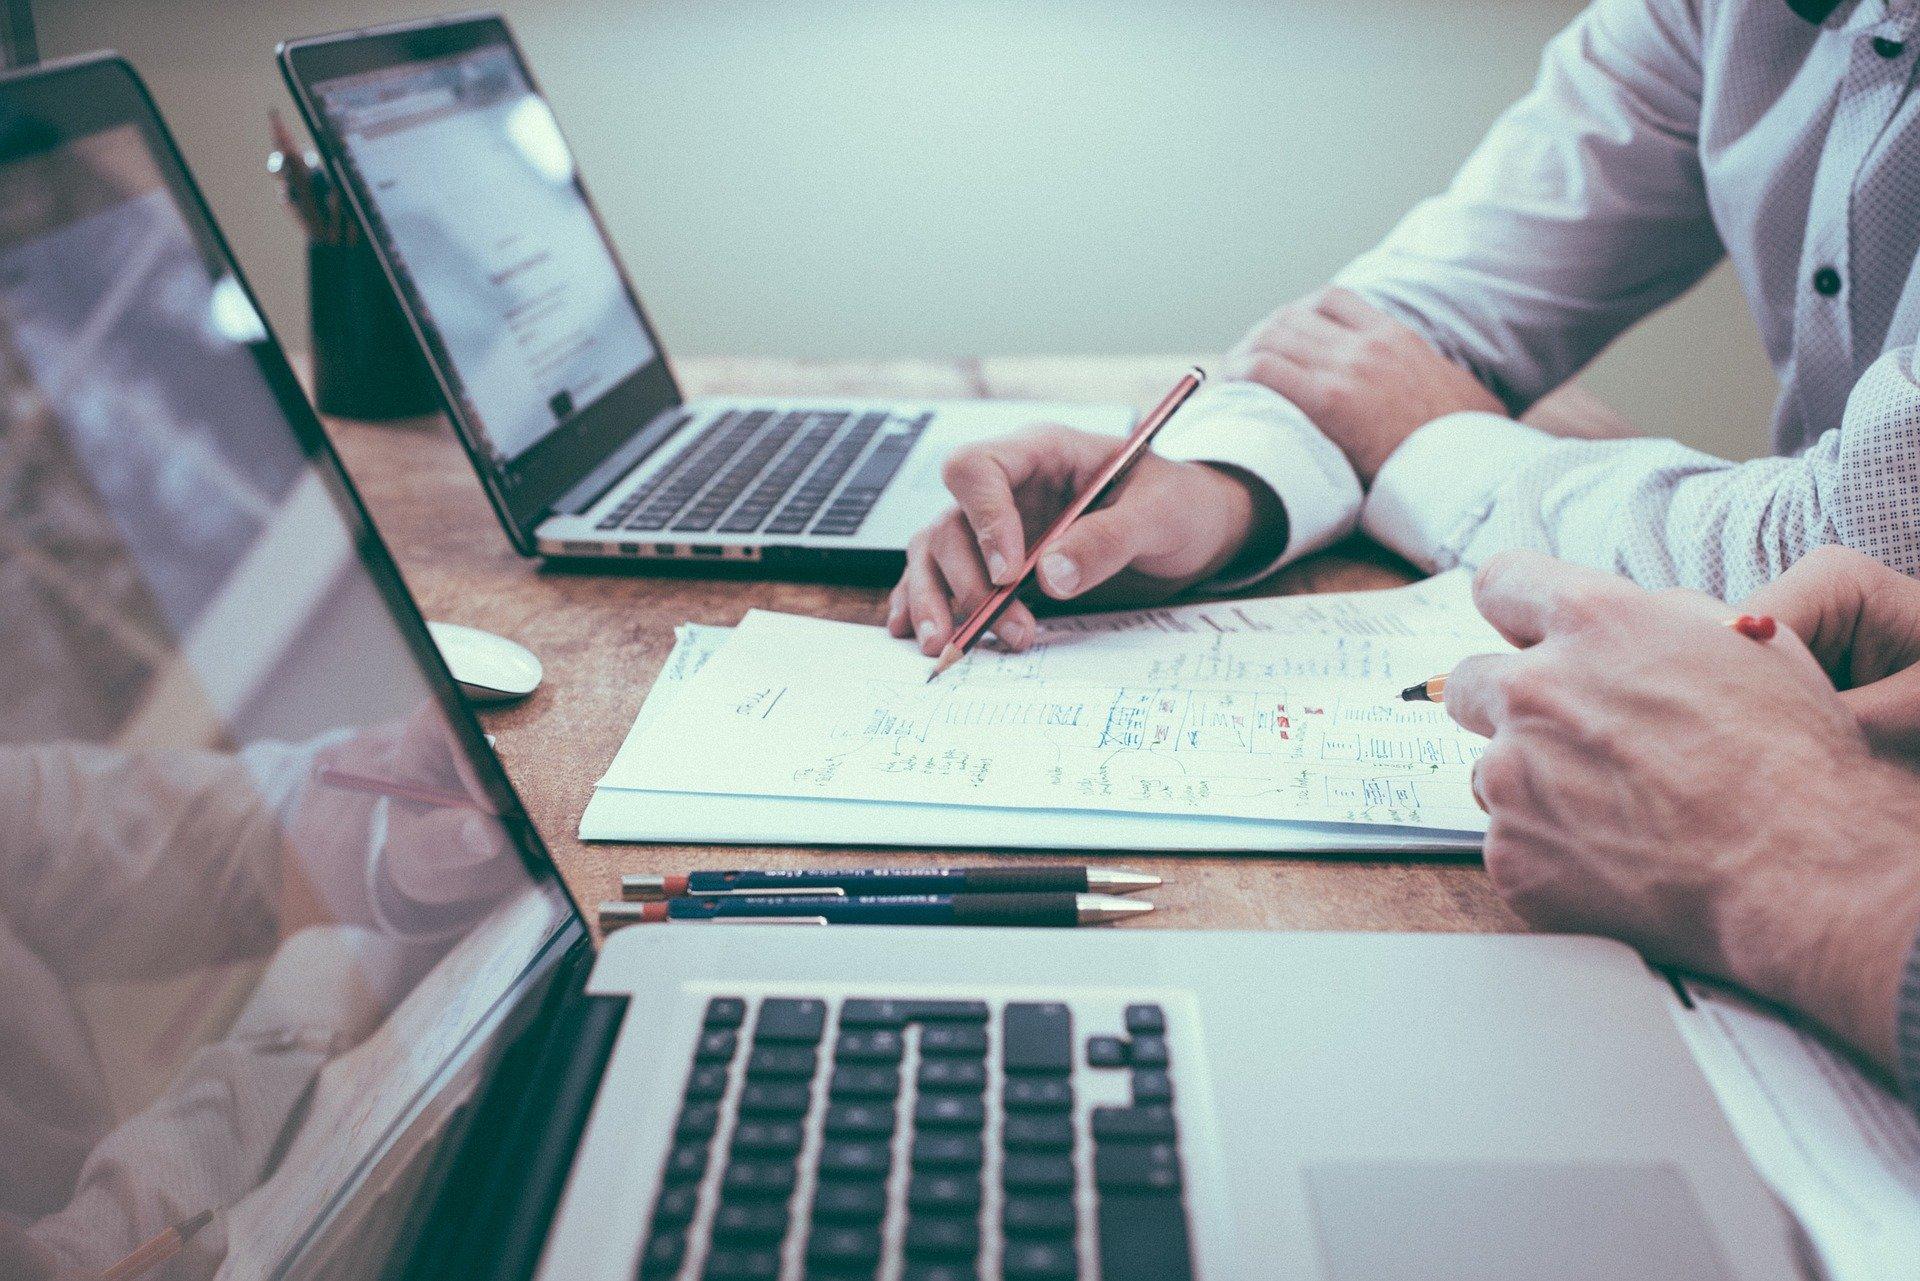 Foto de pessoas em uma mesa com papéis e anotações, ao lado de computadores. Imagem ilustrativa para o texto franquia de higienização.